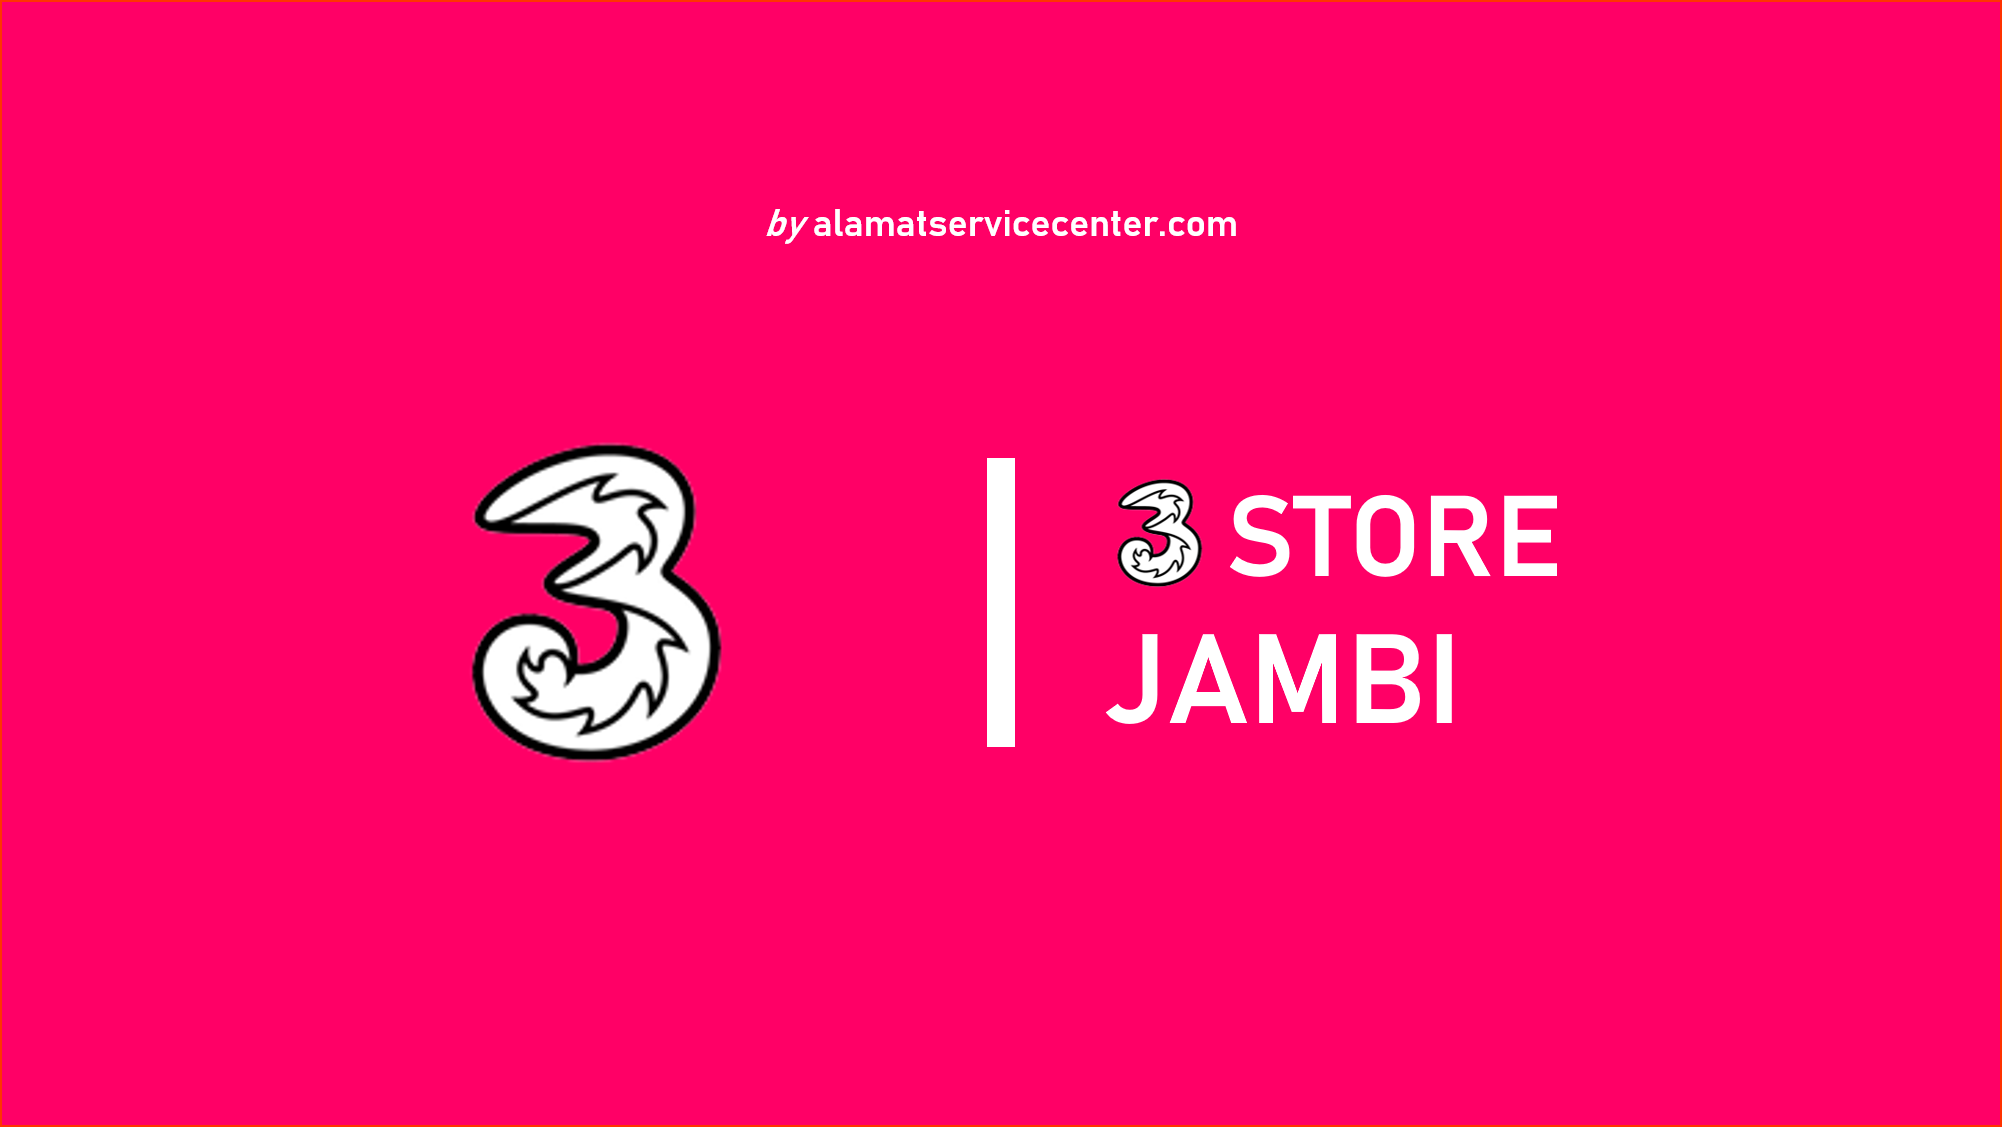 3 Store Jambi